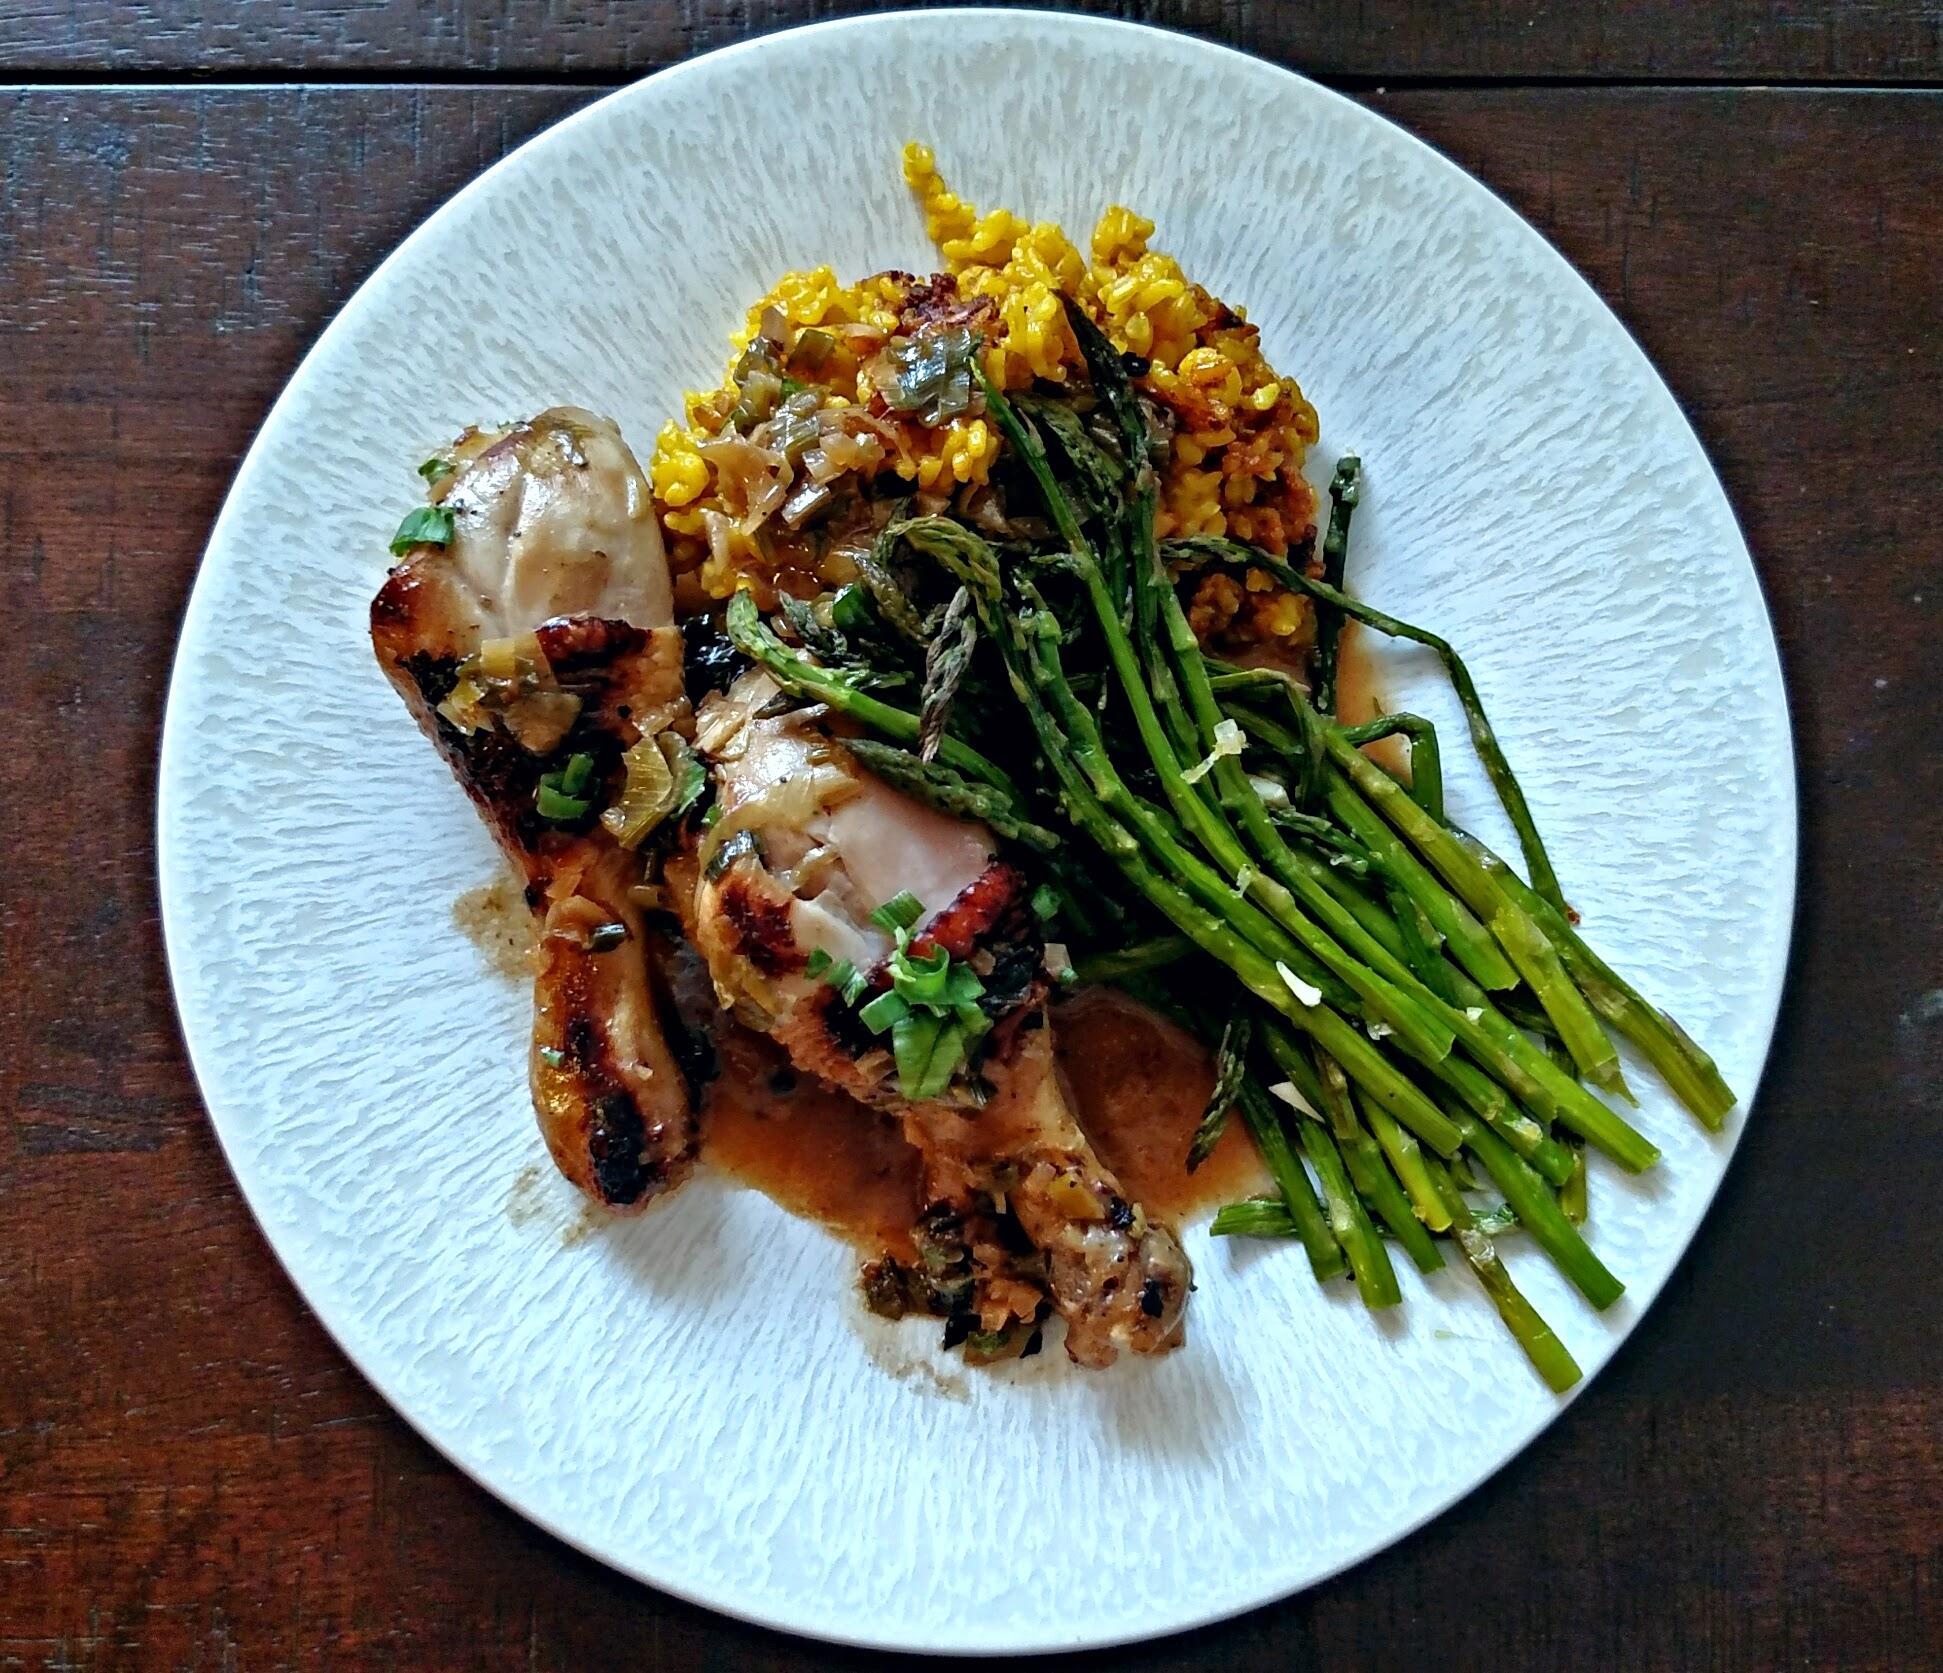 This Week in Food - Nom Nom Paleo's Damn Fine Chicken